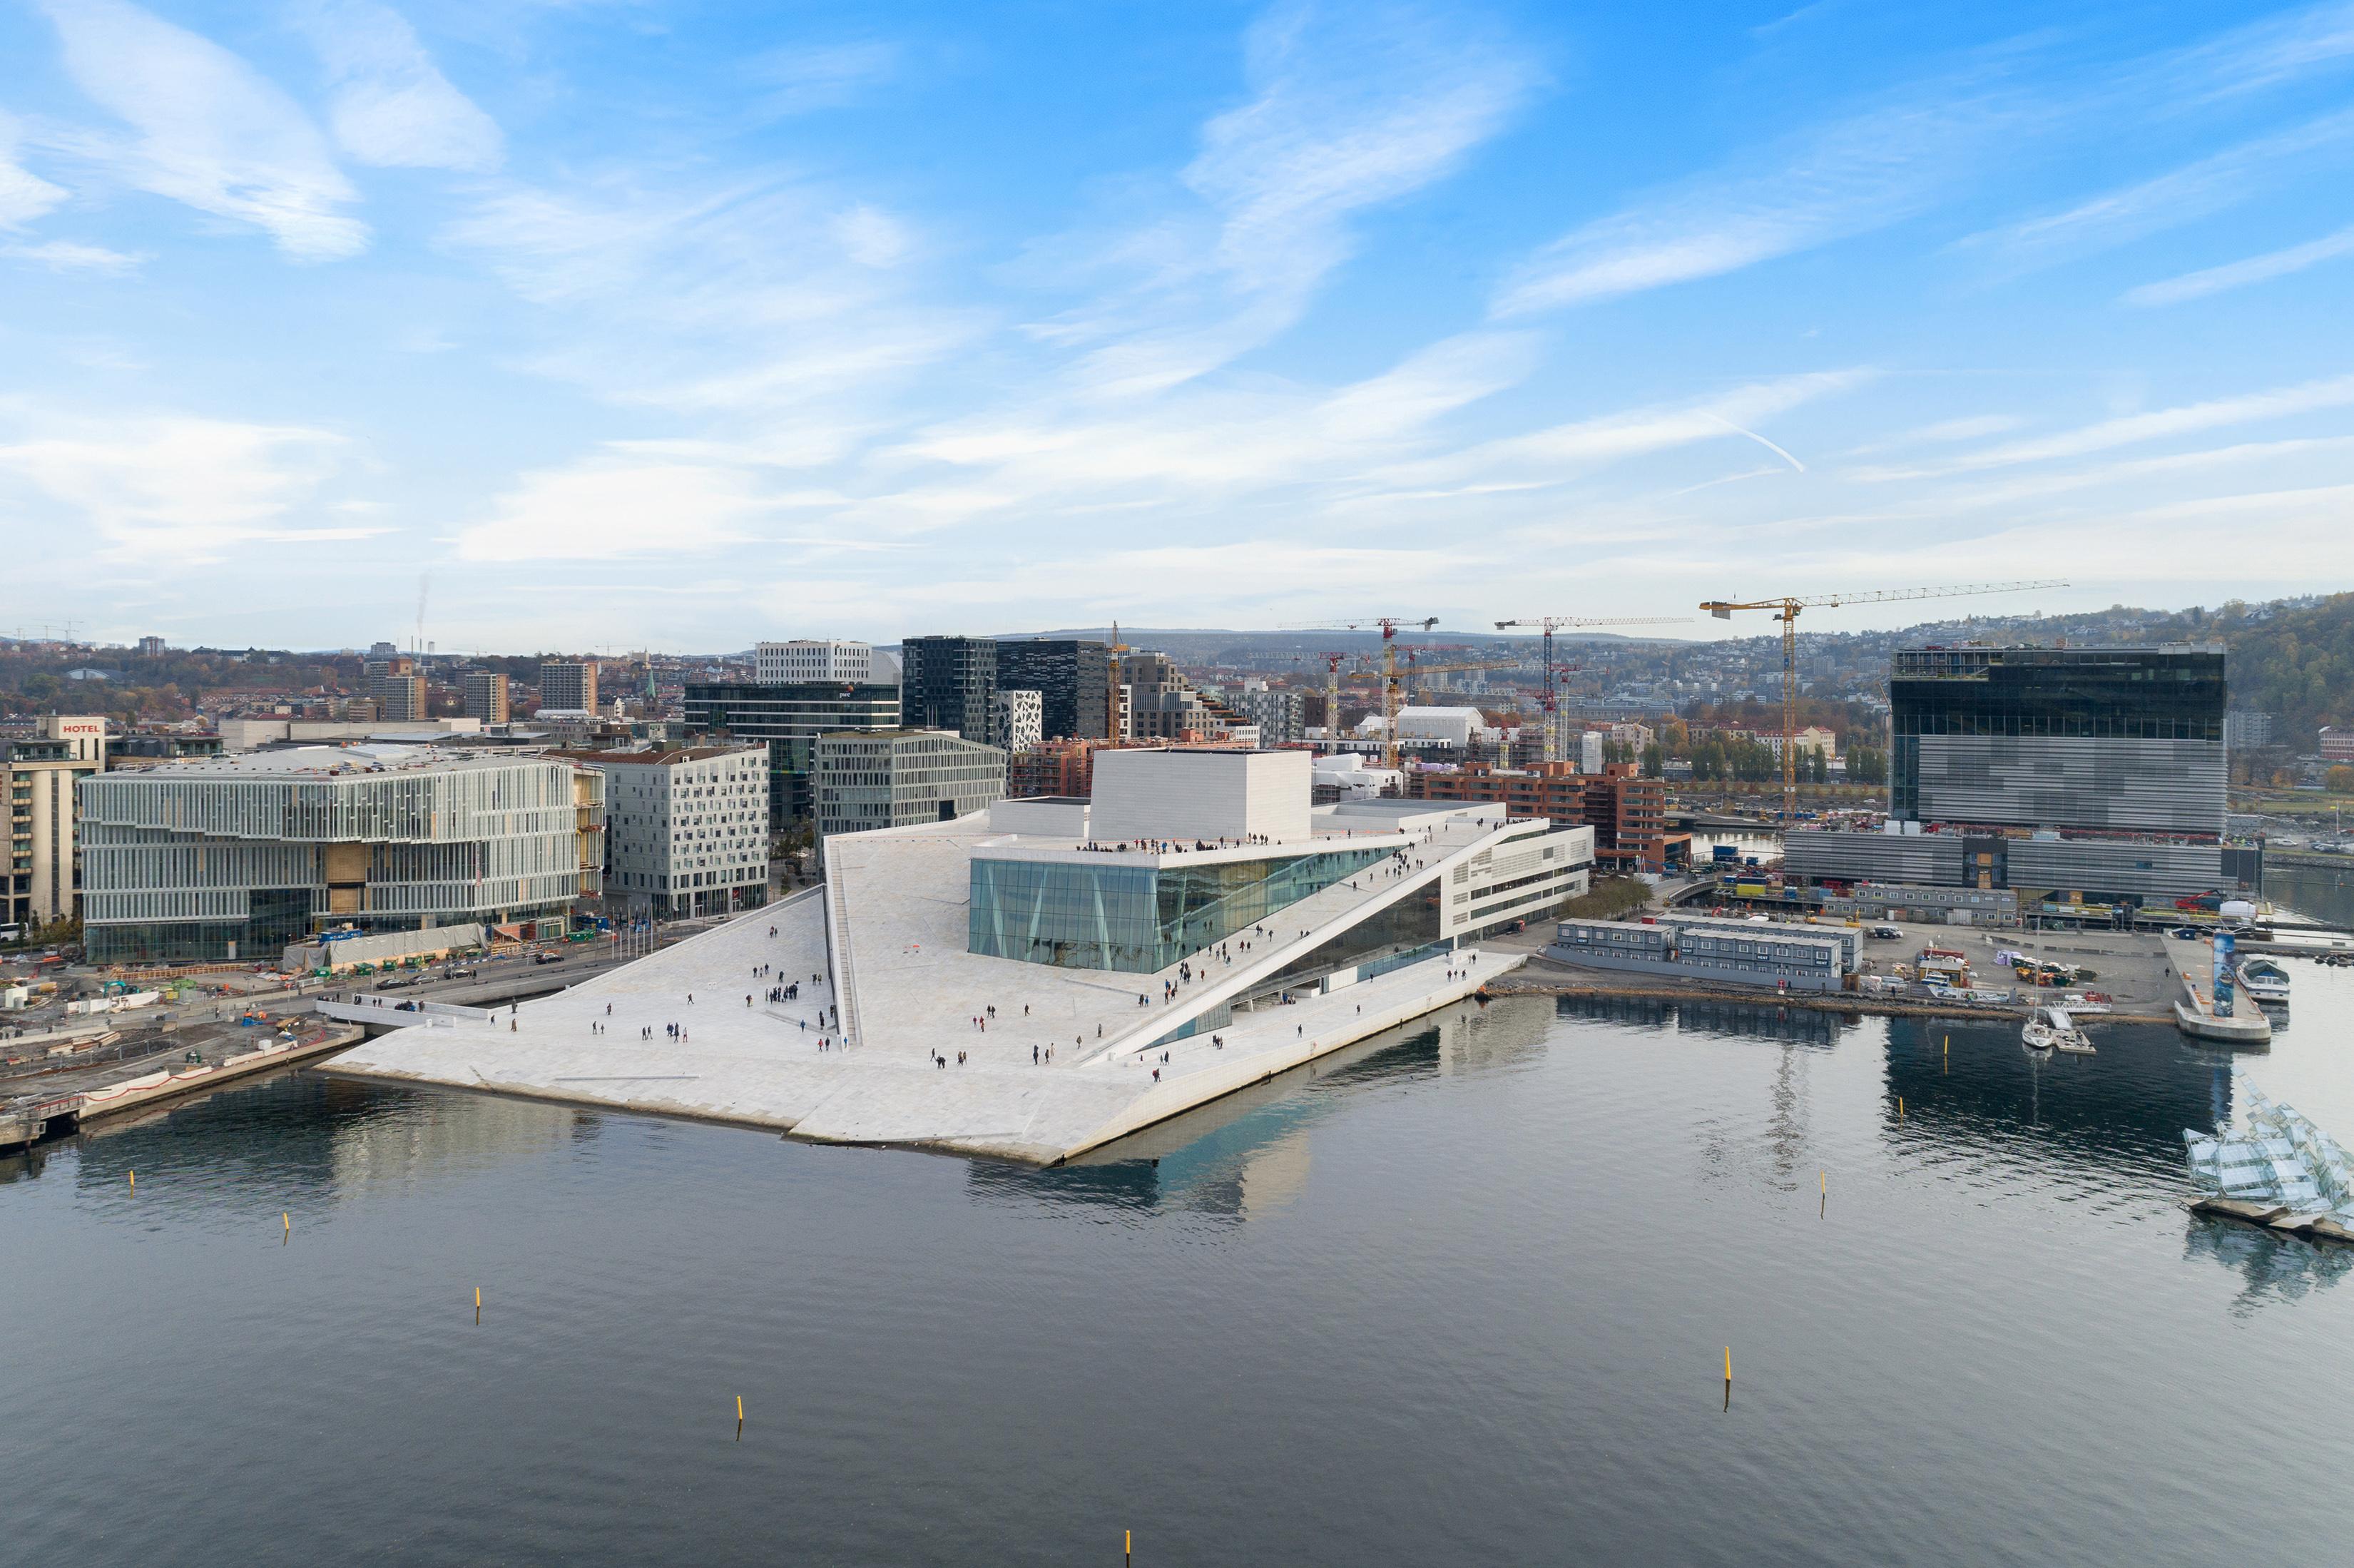 Oslo, Noruega. El país aparentemente se volvió más rico debido al cambio climático. (Alejandro Villanueva/The New York Times)